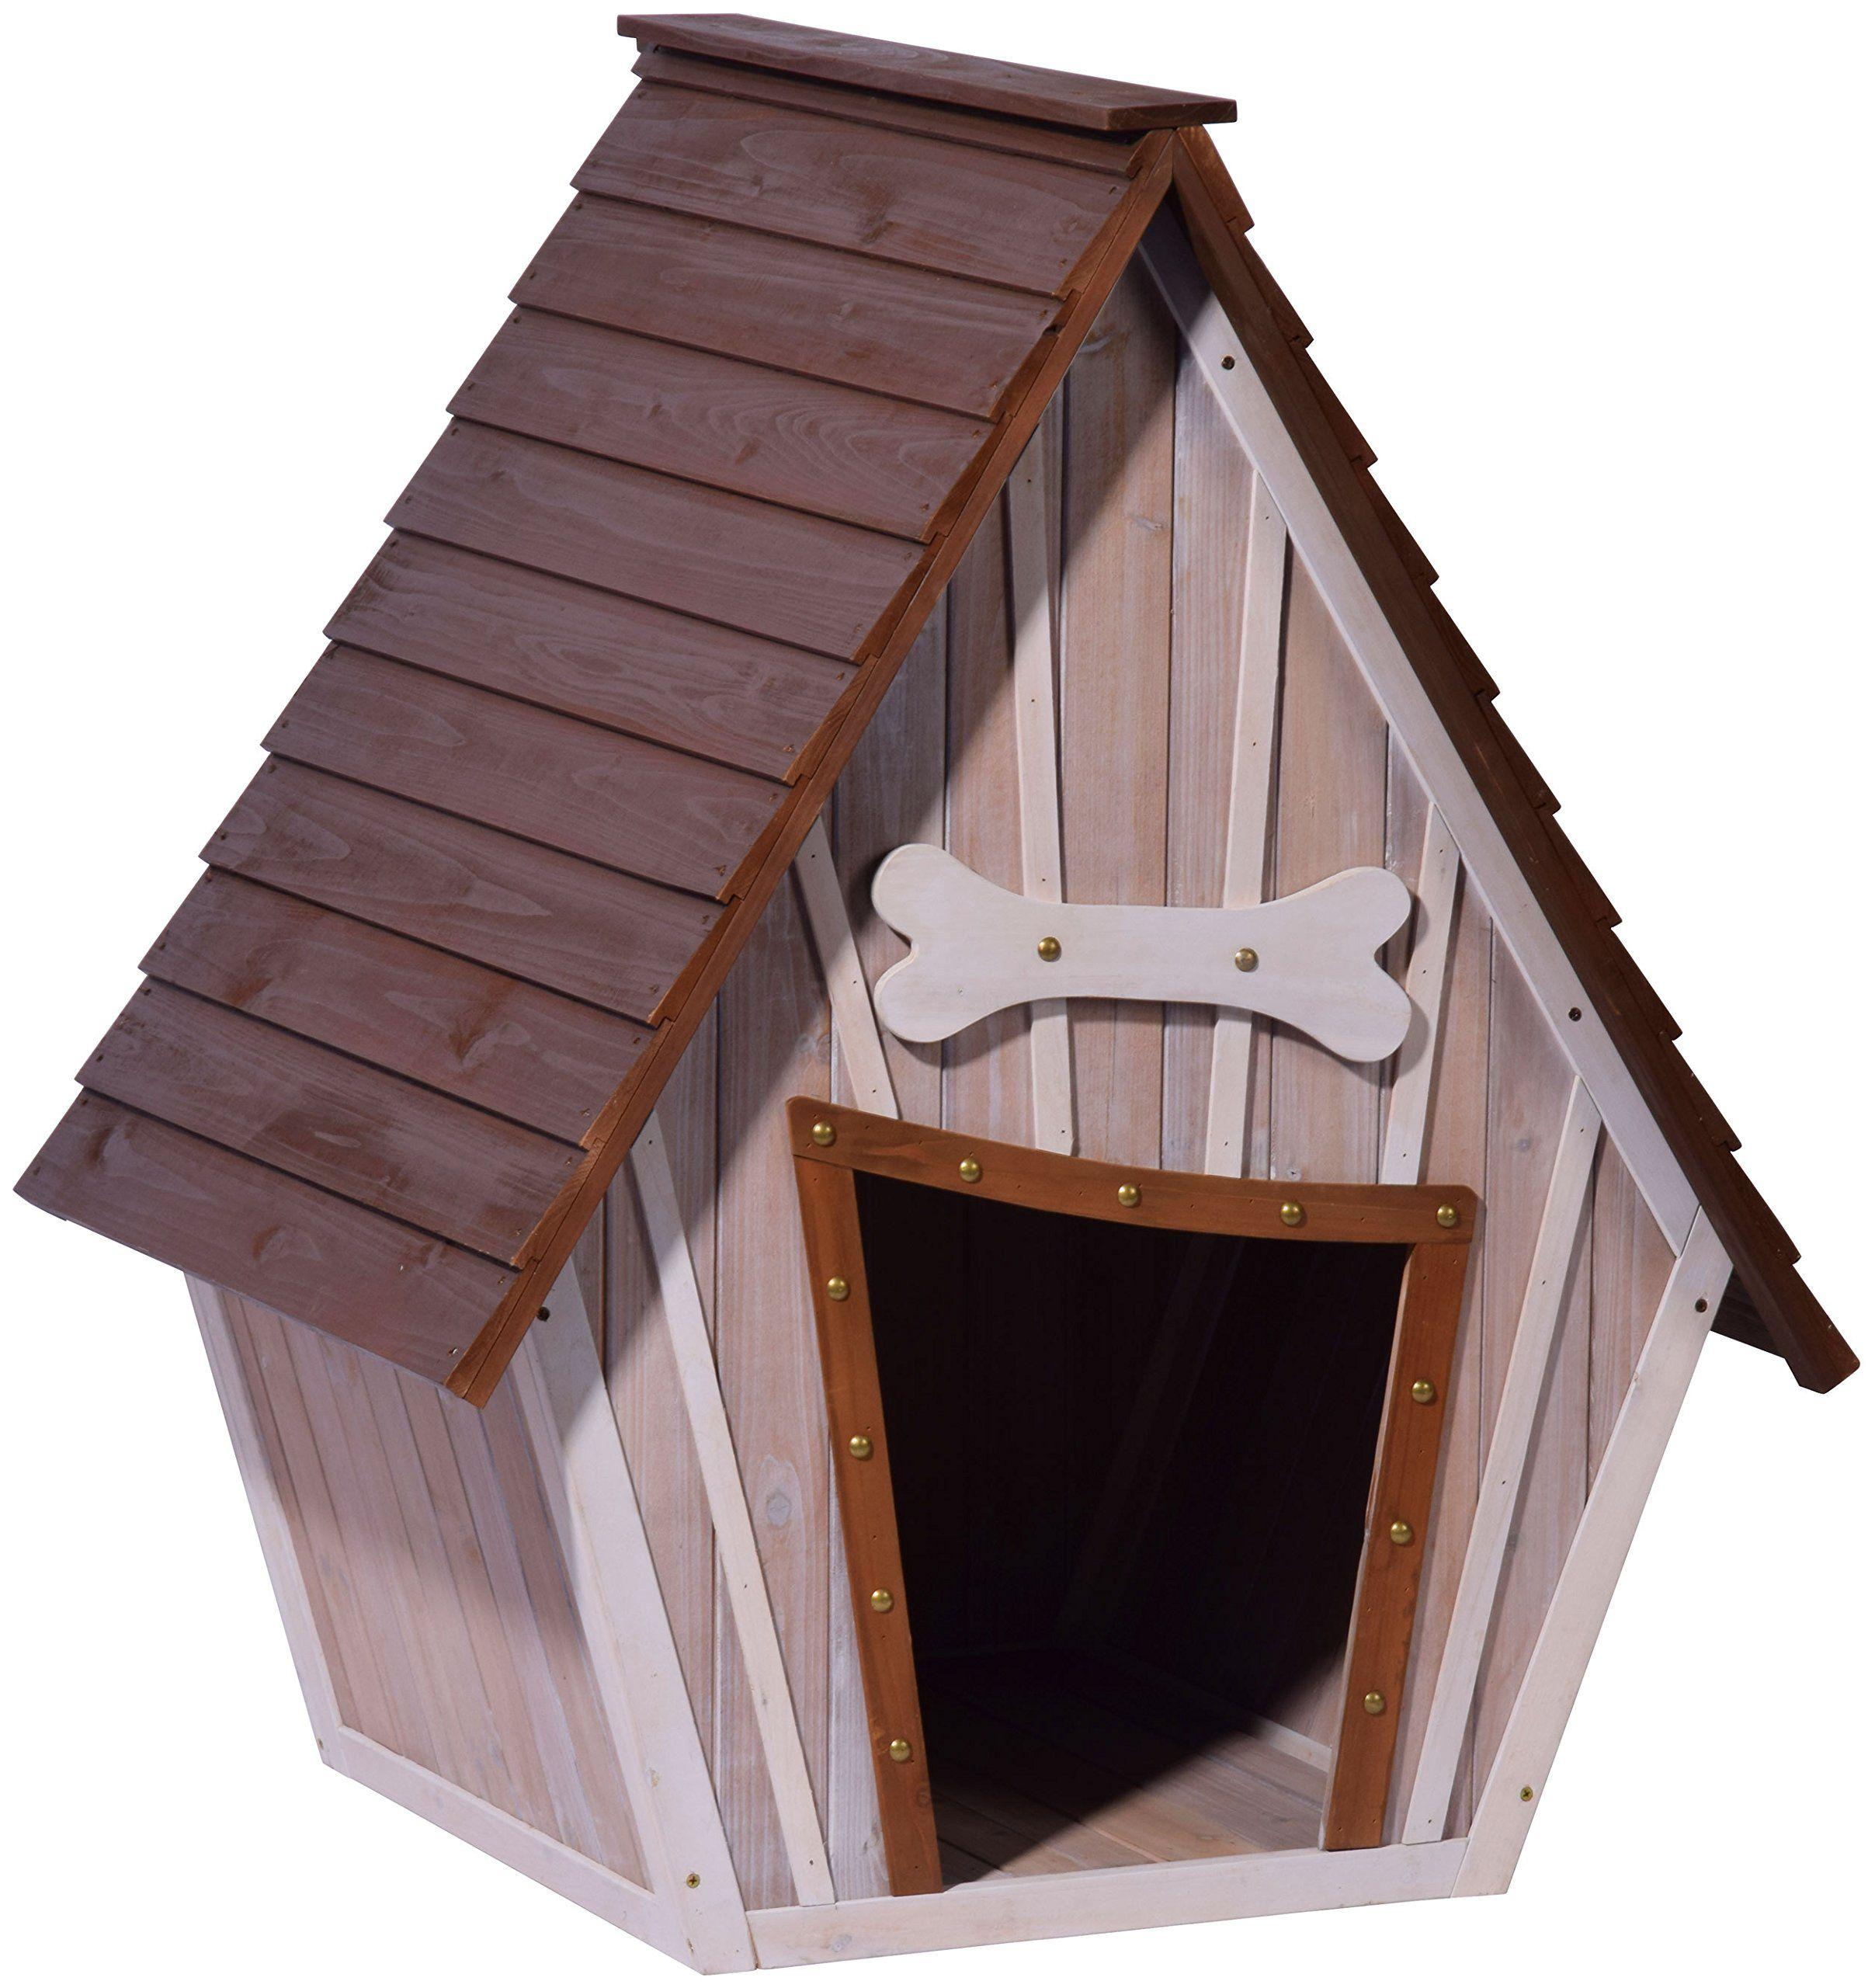 dobar 55013fsc hundehütte ,isoliertes xl outdoor hundehaus für große